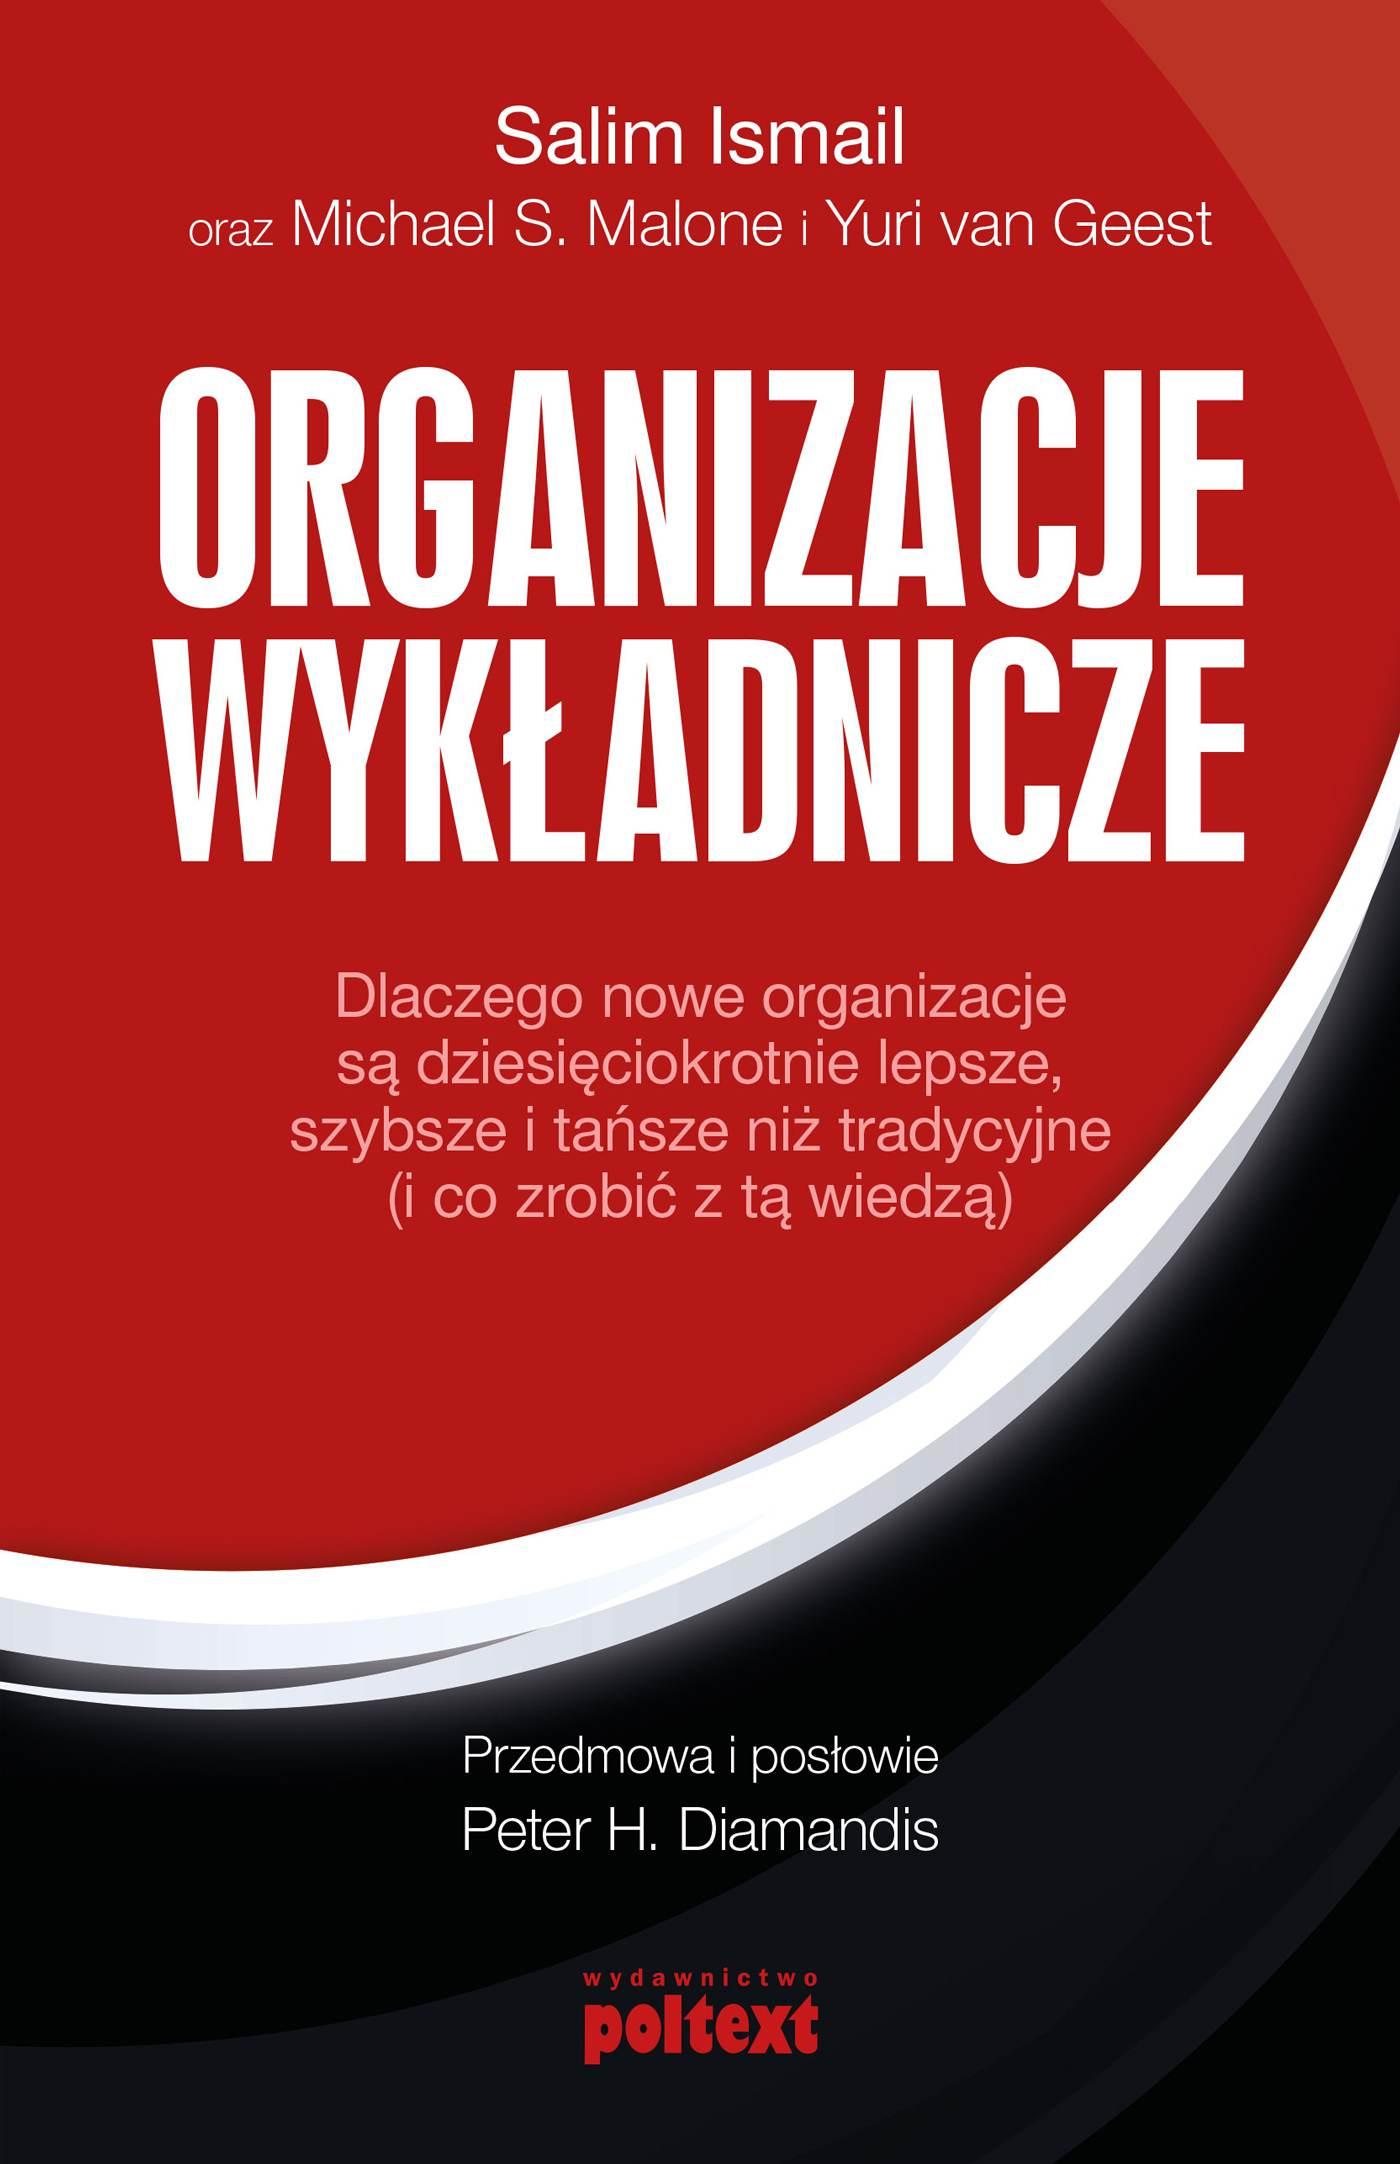 Organizacje wykładnicze - Ebook (Książka na Kindle) do pobrania w formacie MOBI